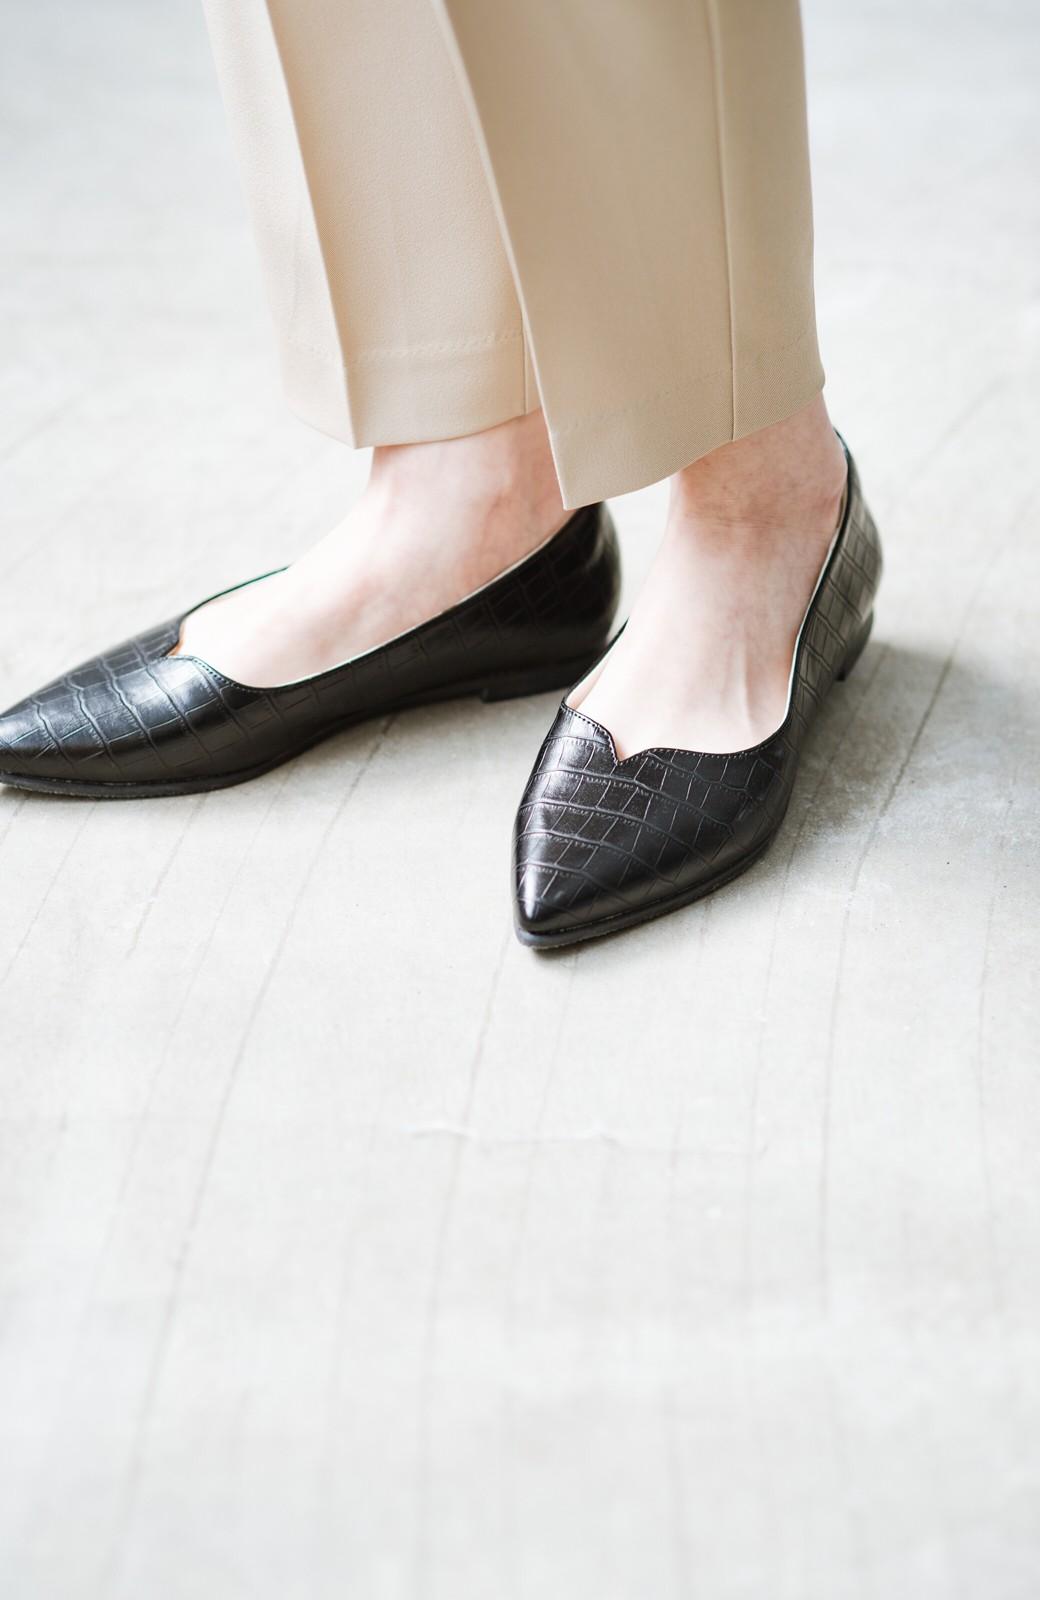 haco! 【防水】普段もお仕事も雨の日も!さっと履いて女っぽい Vカットが足をきれいに見せてくれるフラットパンプス <ブラック>の商品写真5